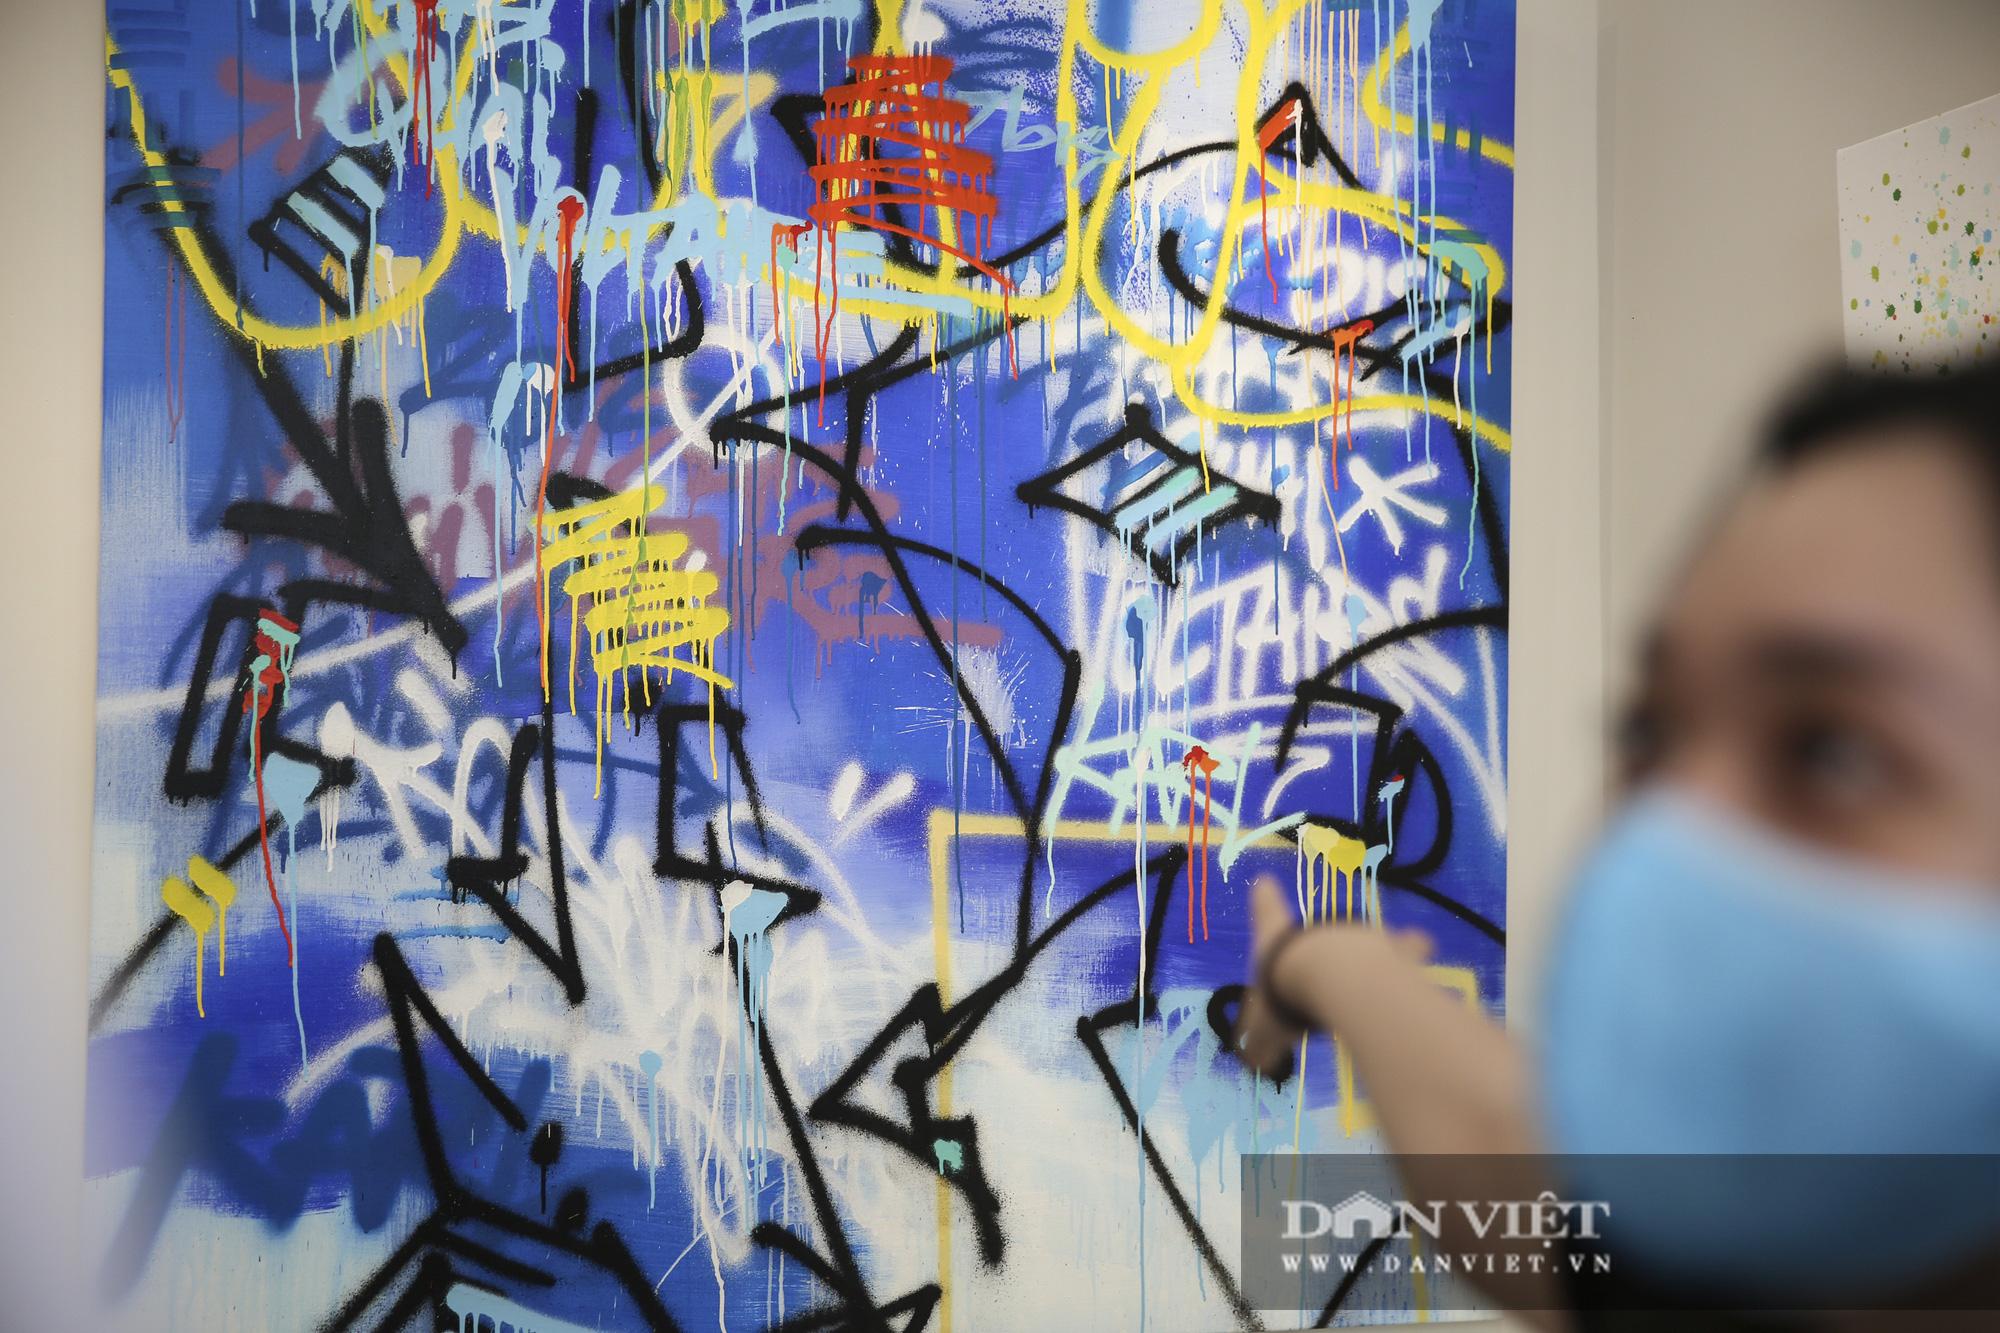 Cận cảnh phòng tranh graffiti tiền tỷ của huyền thoại Cyrial Kongo tại Hà Nội - Ảnh 10.